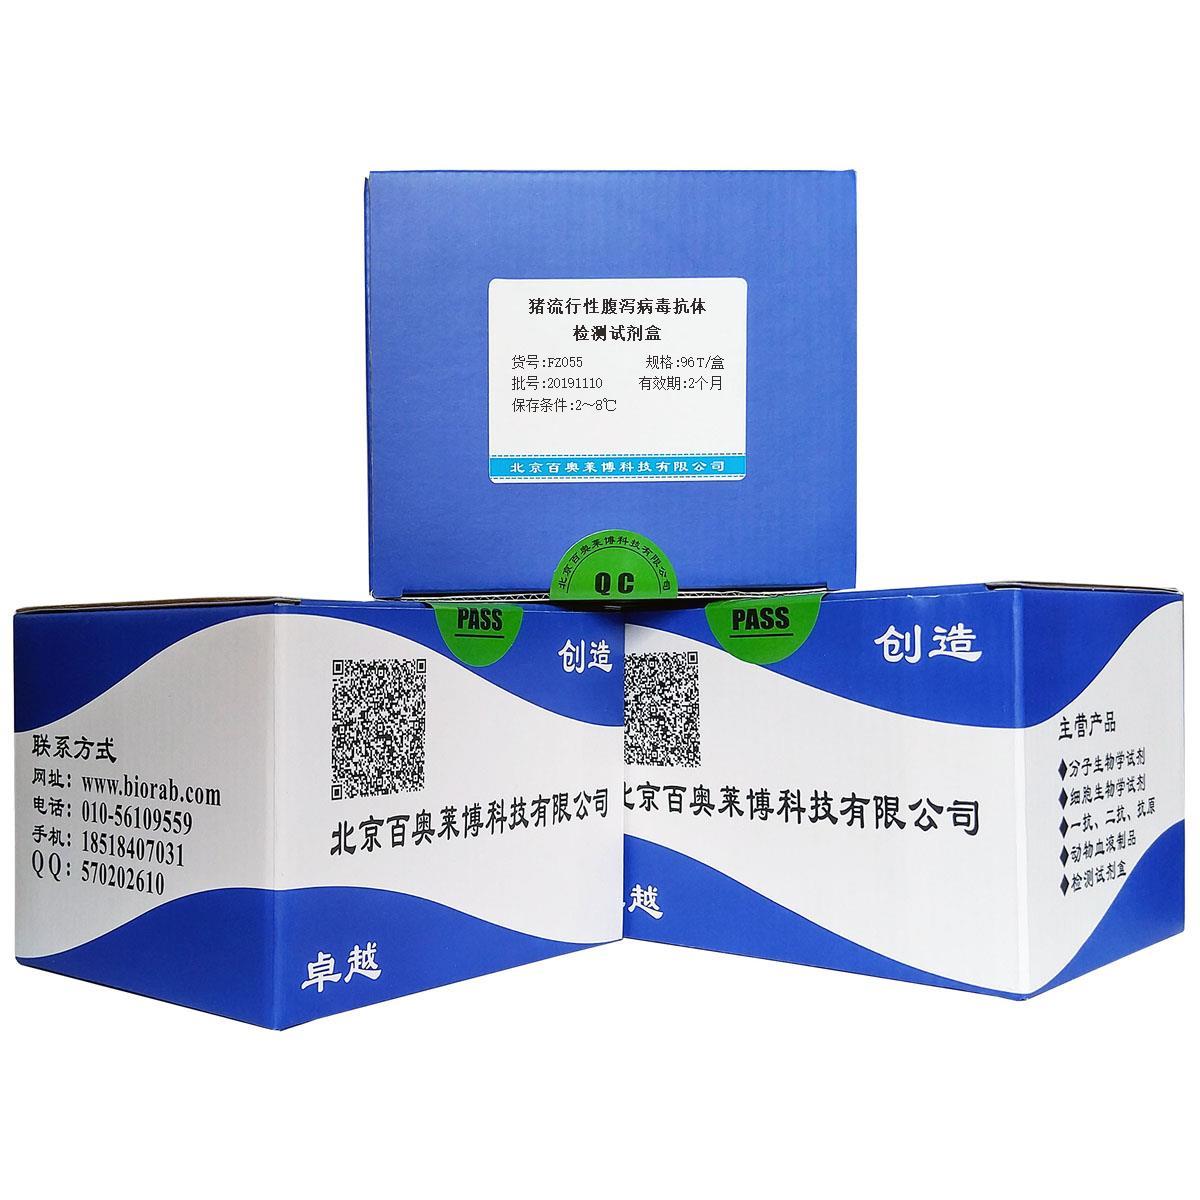 猪流行性腹泻病毒抗体检测试剂盒北京价格